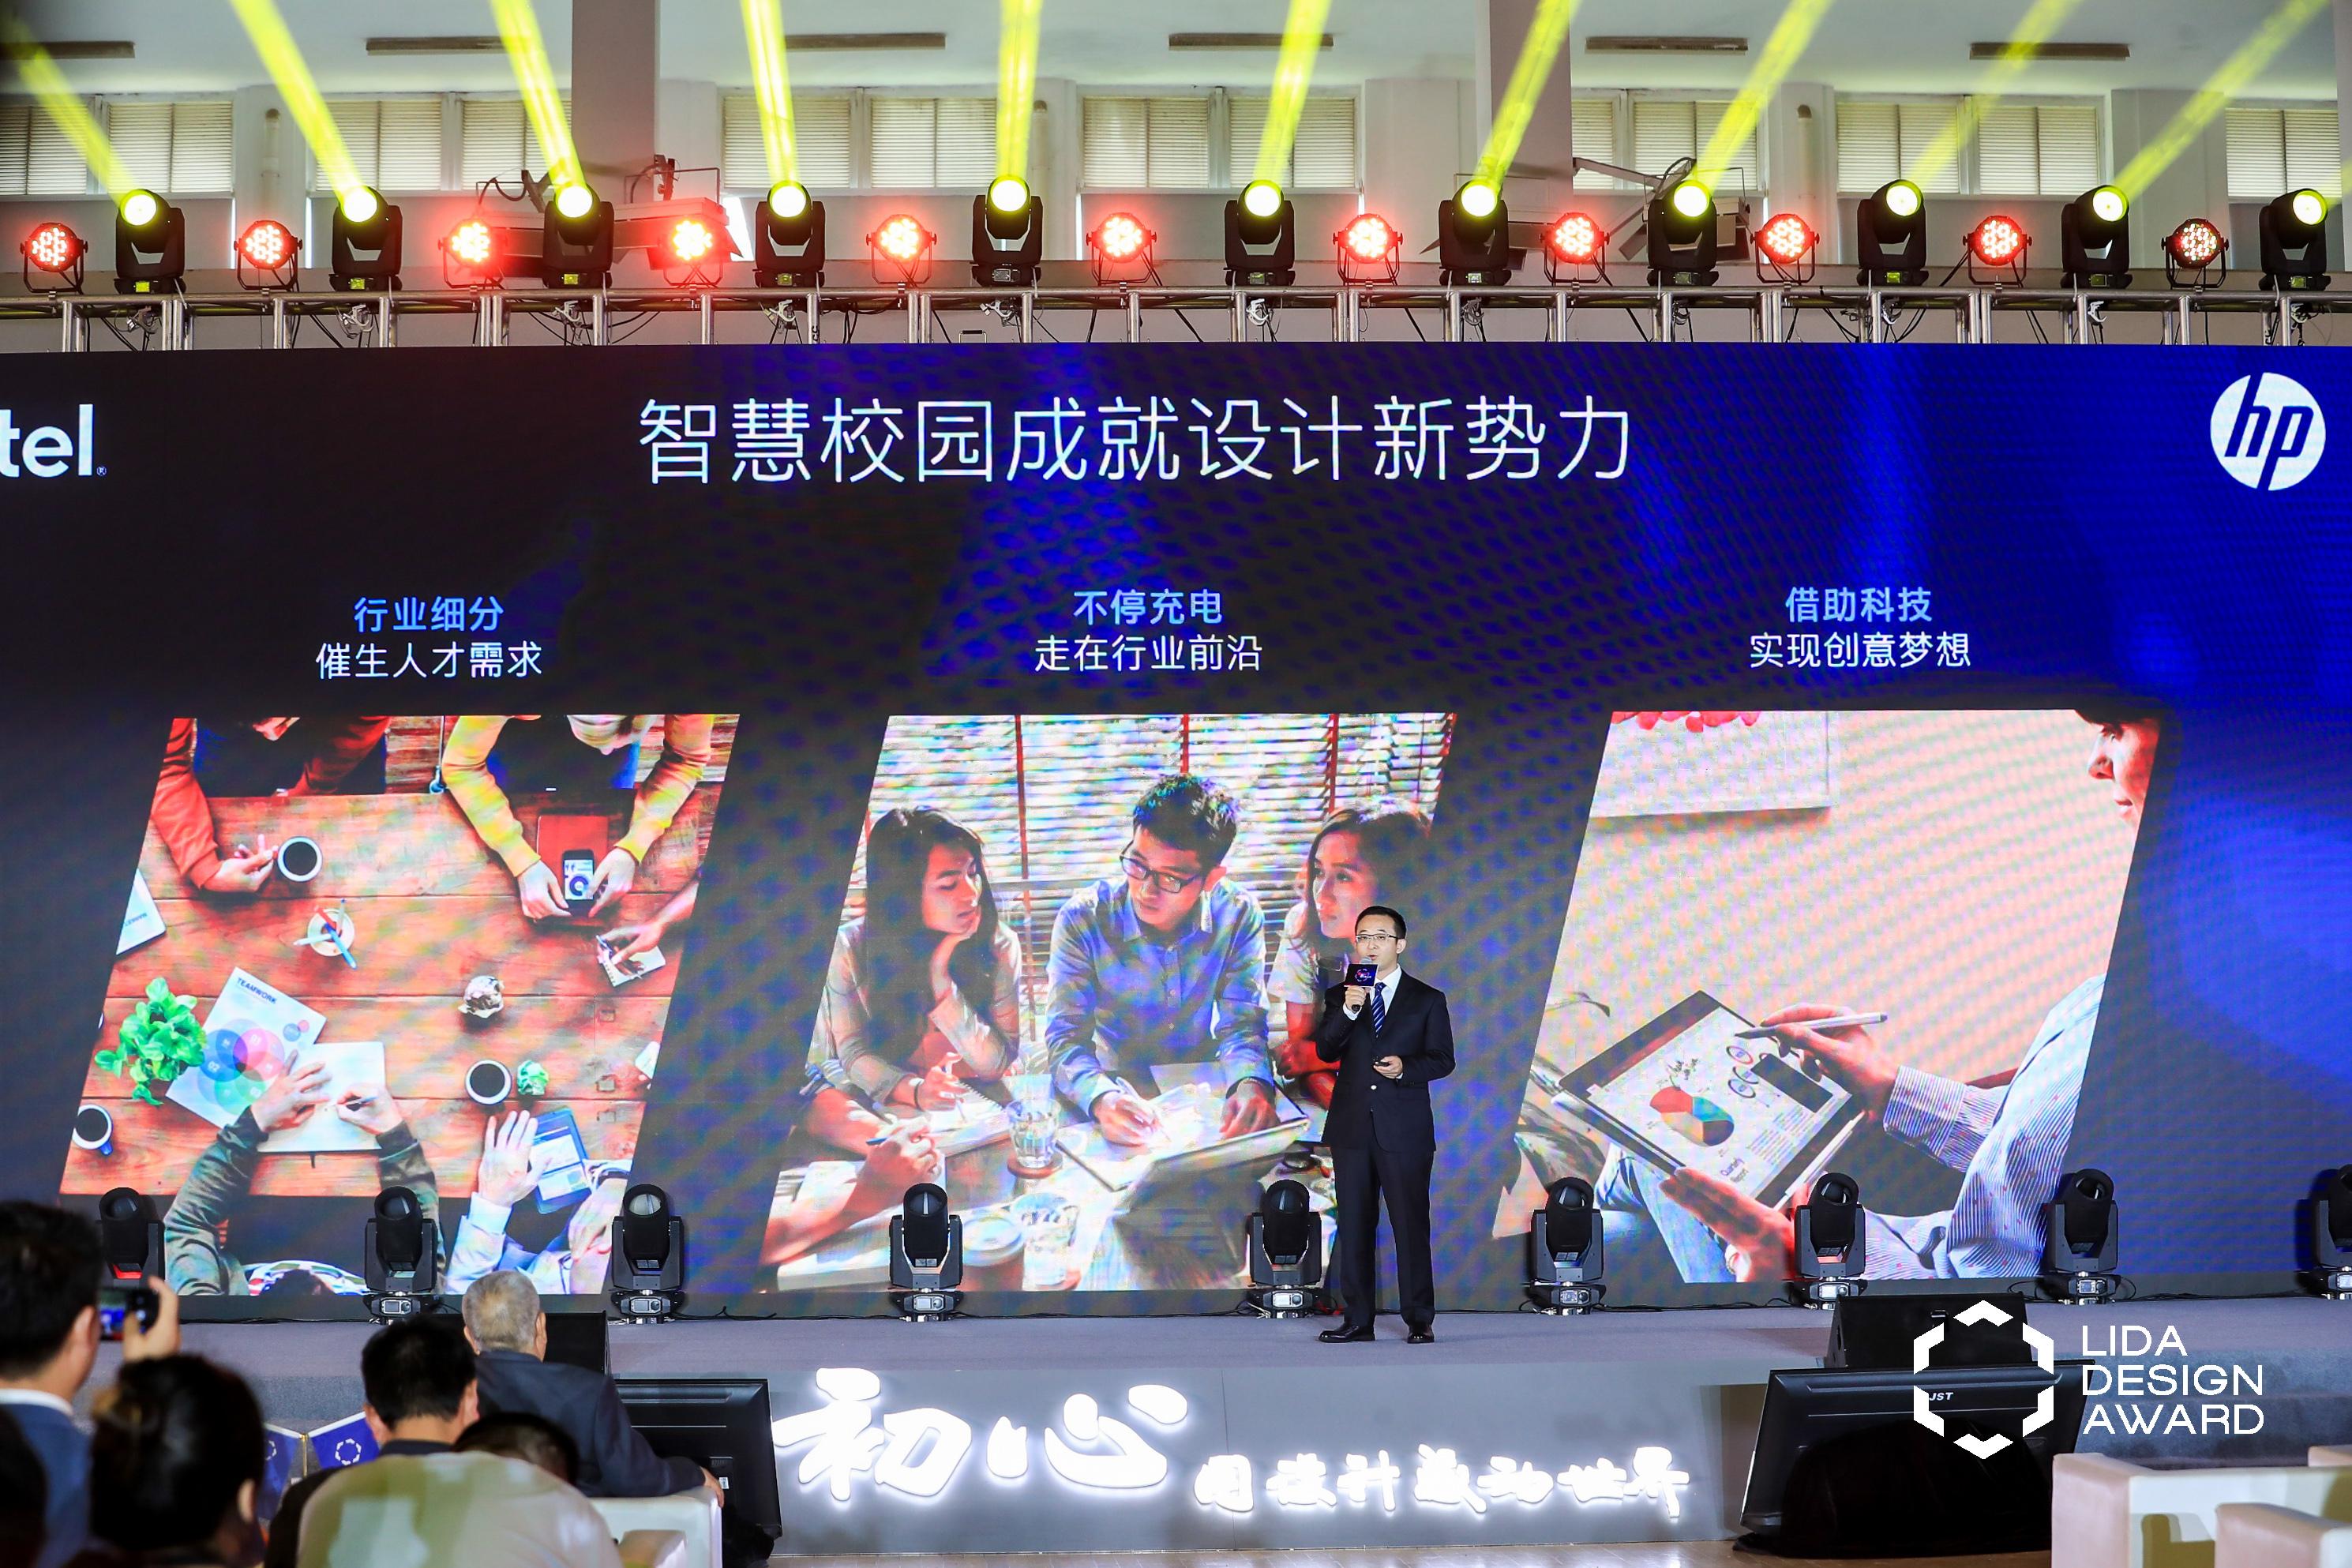 中国惠普副总裁周信宏:打造中国优质设计生态系统,赋能中国青年设计力量